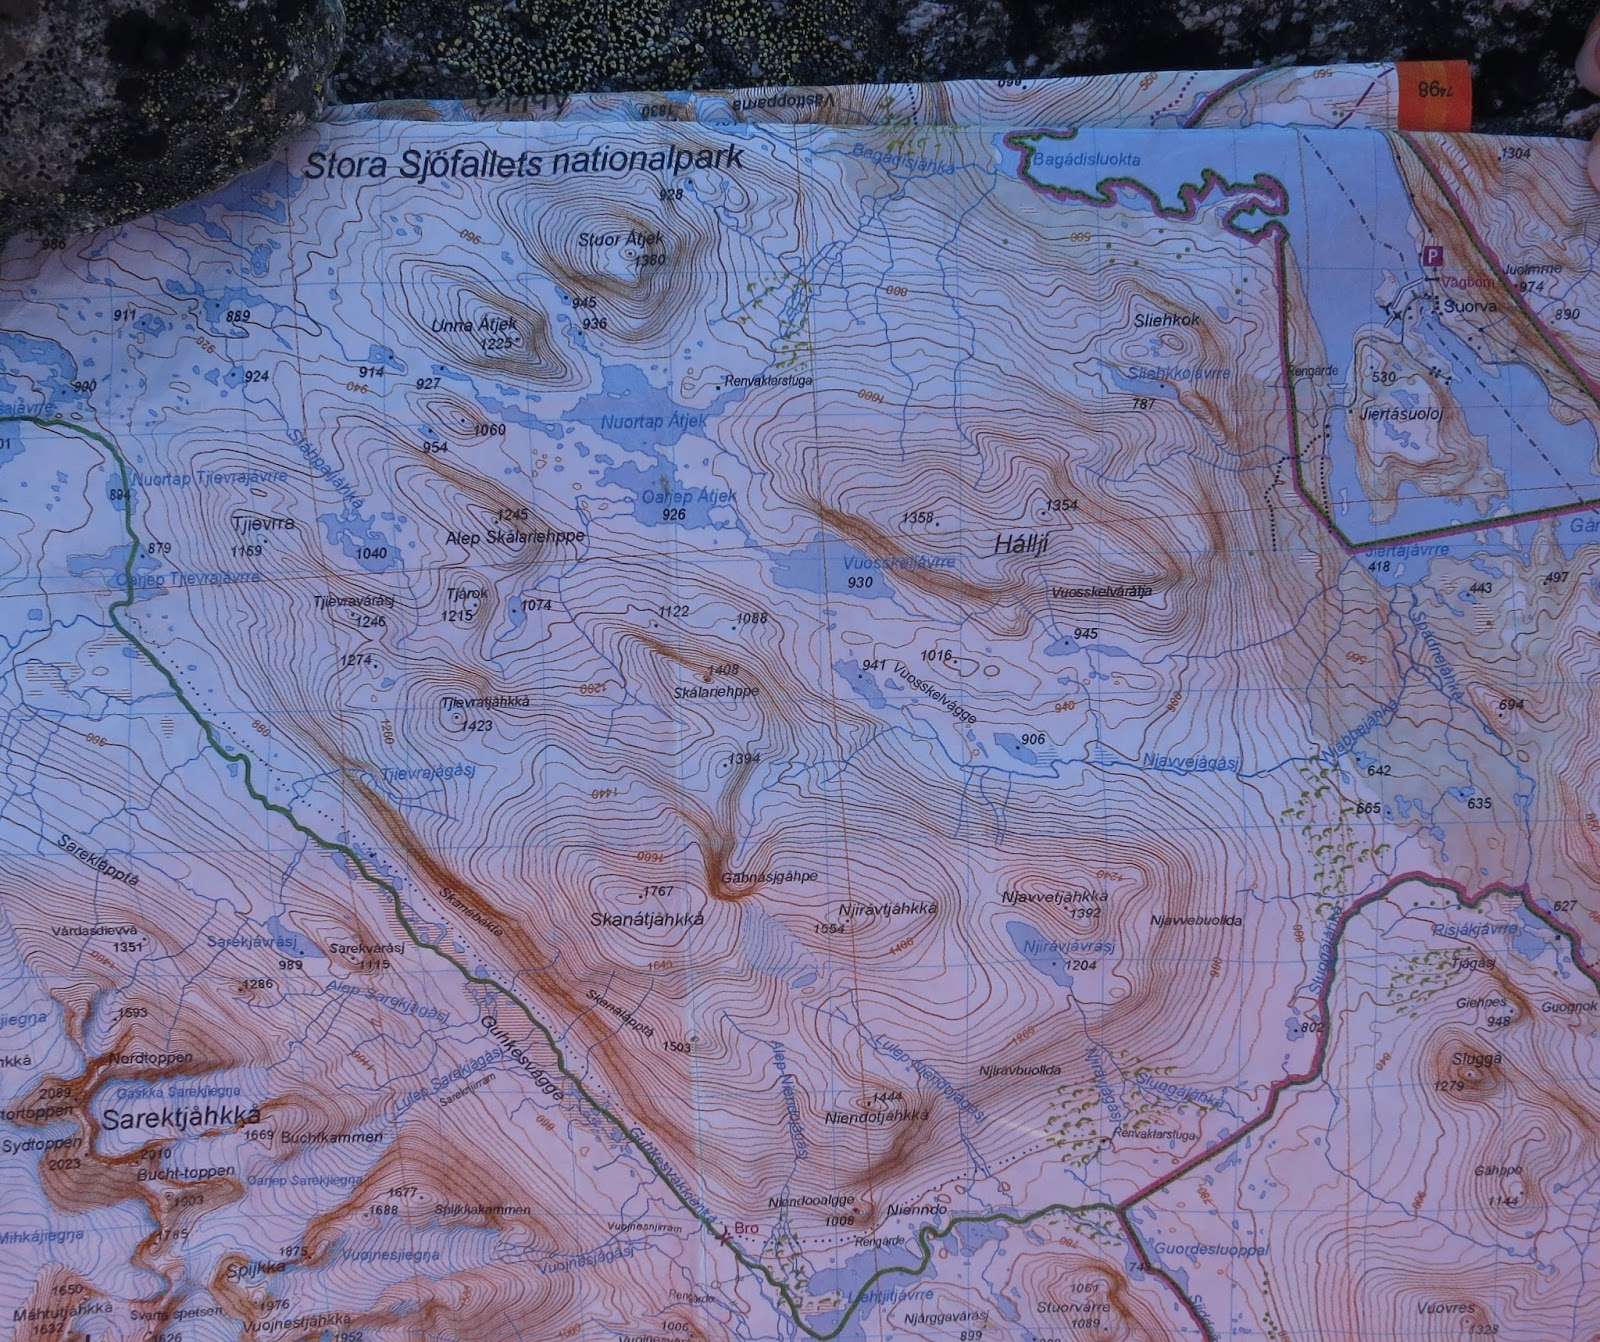 Kartta Stora Sjöfallet -kansallispuistosta